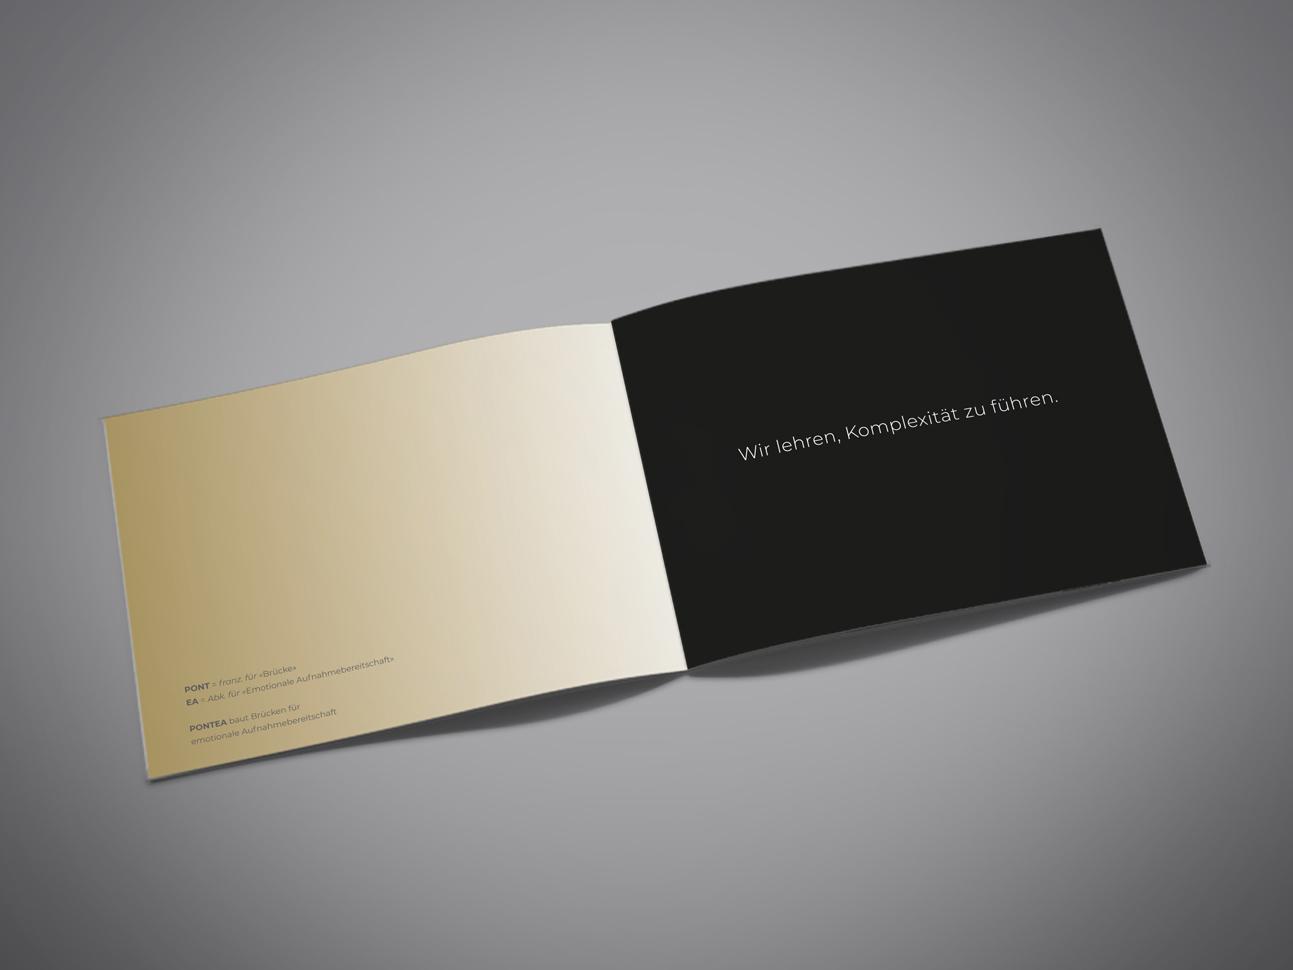 martin zech design, corporate design, pontea, firmenbroschuere, doppelseite 1